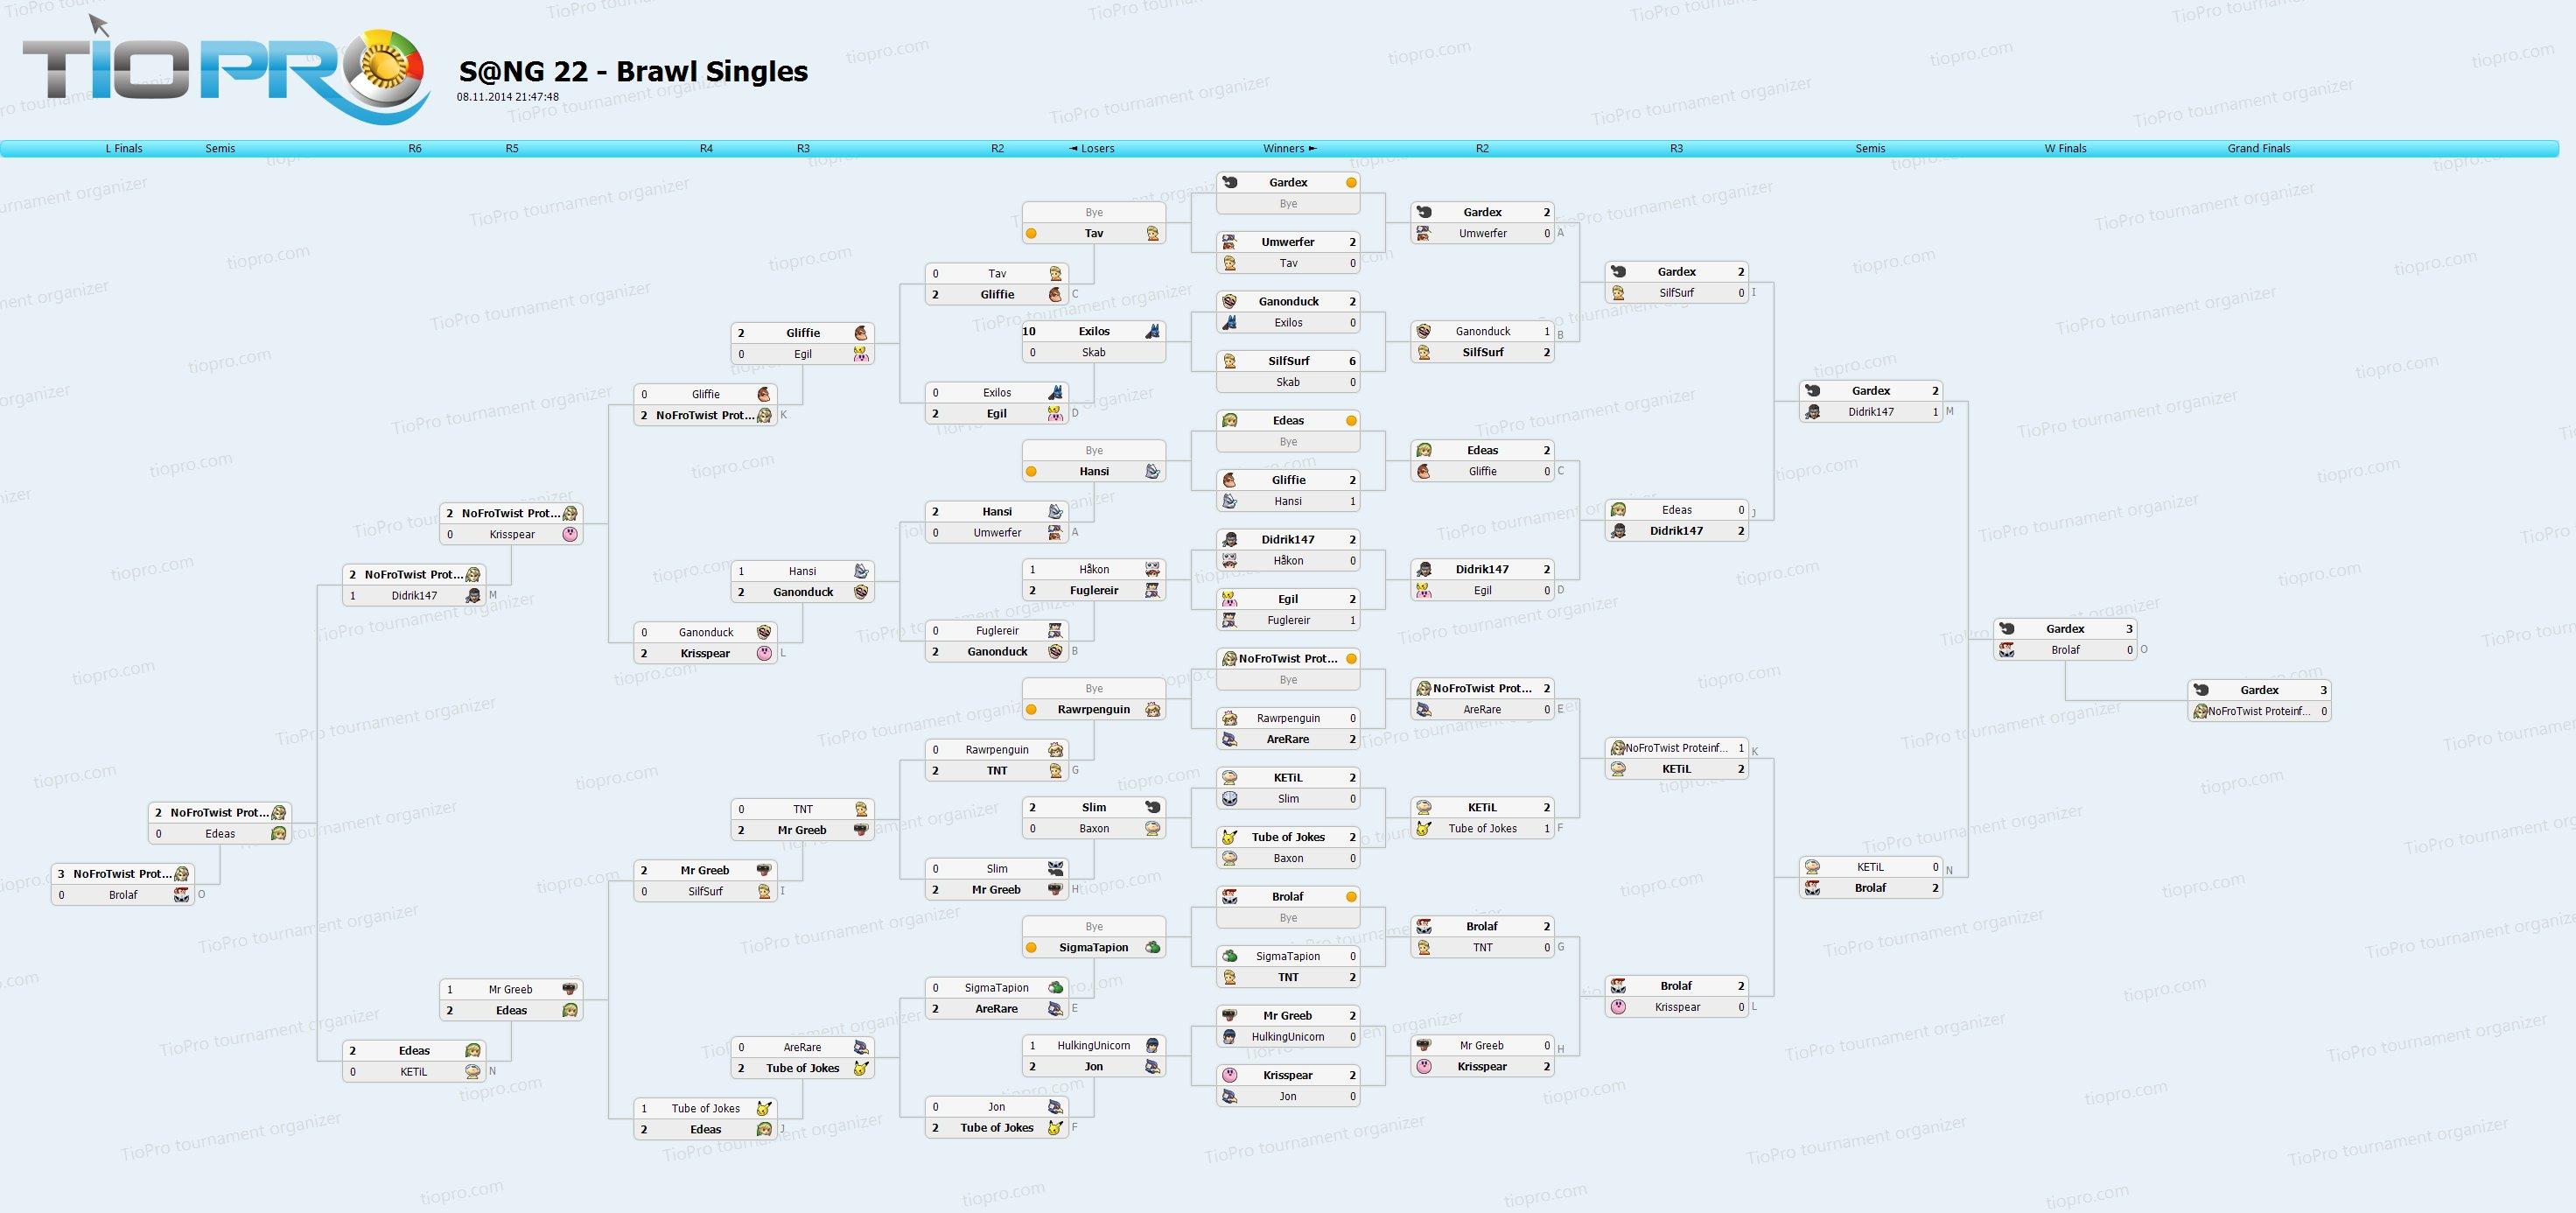 S@NG 22 - Brawl Singles